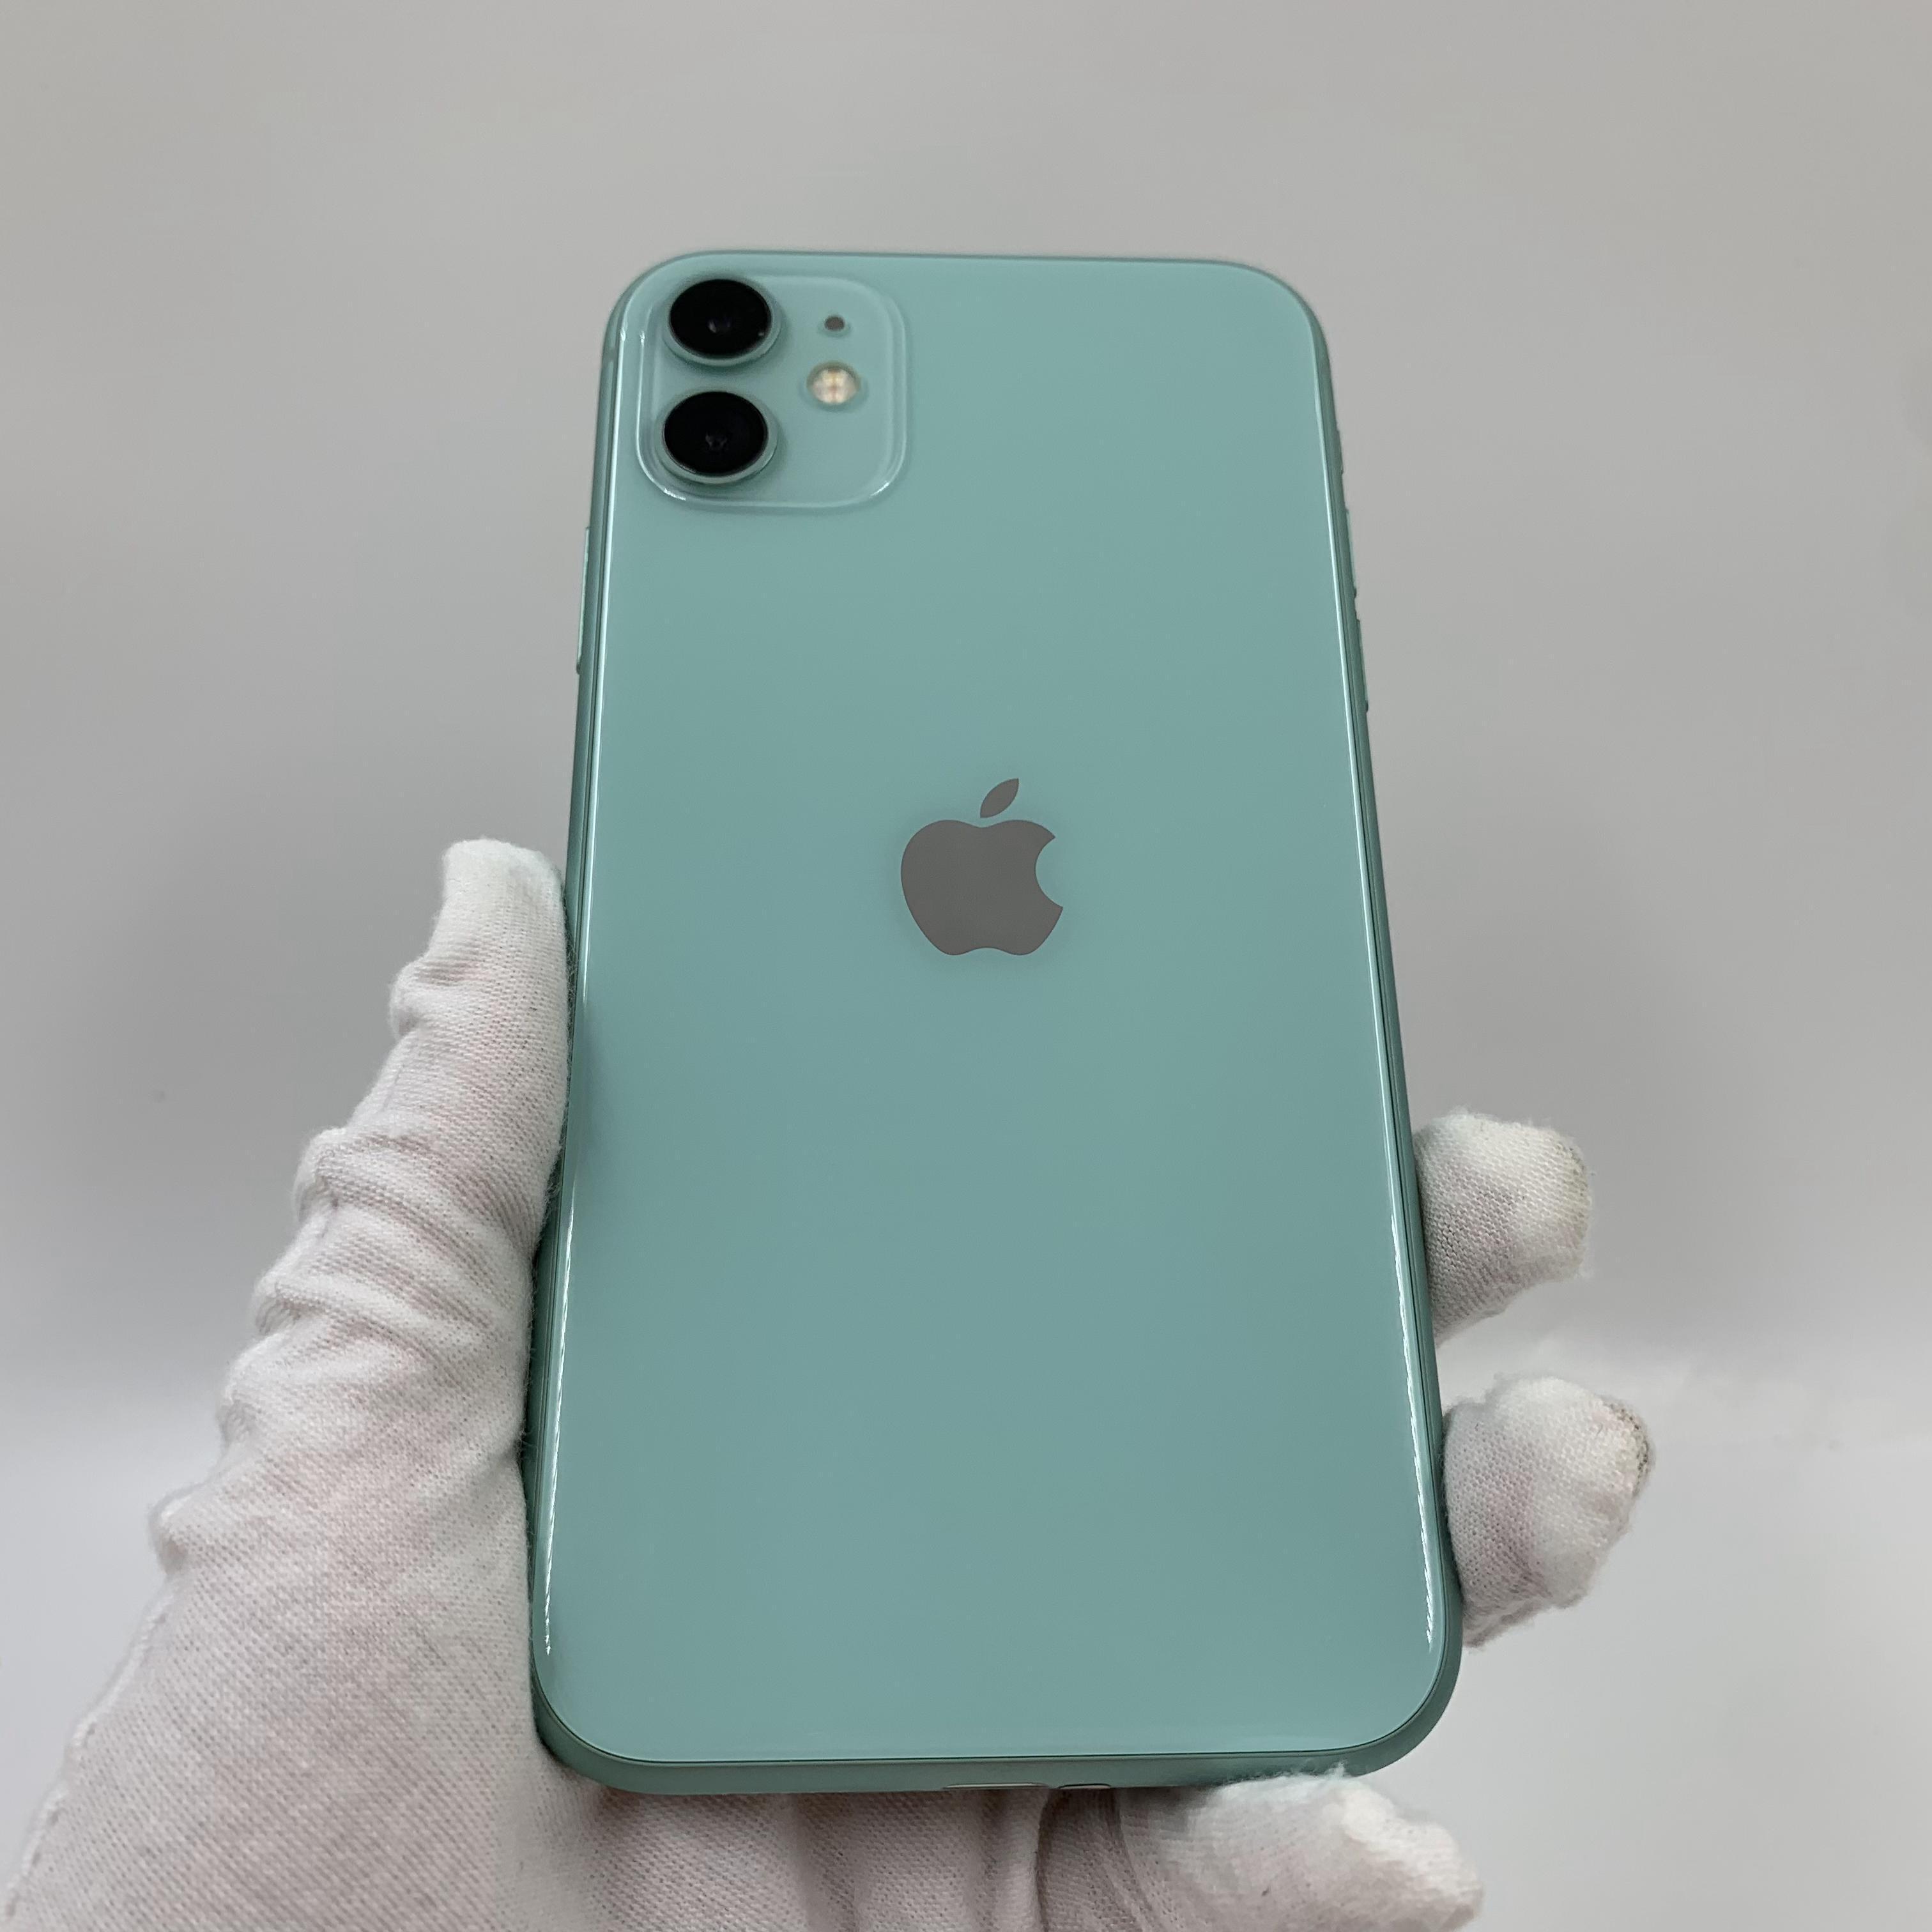 苹果【iPhone 11】4G全网通 绿色 128G 国行 99新 真机实拍